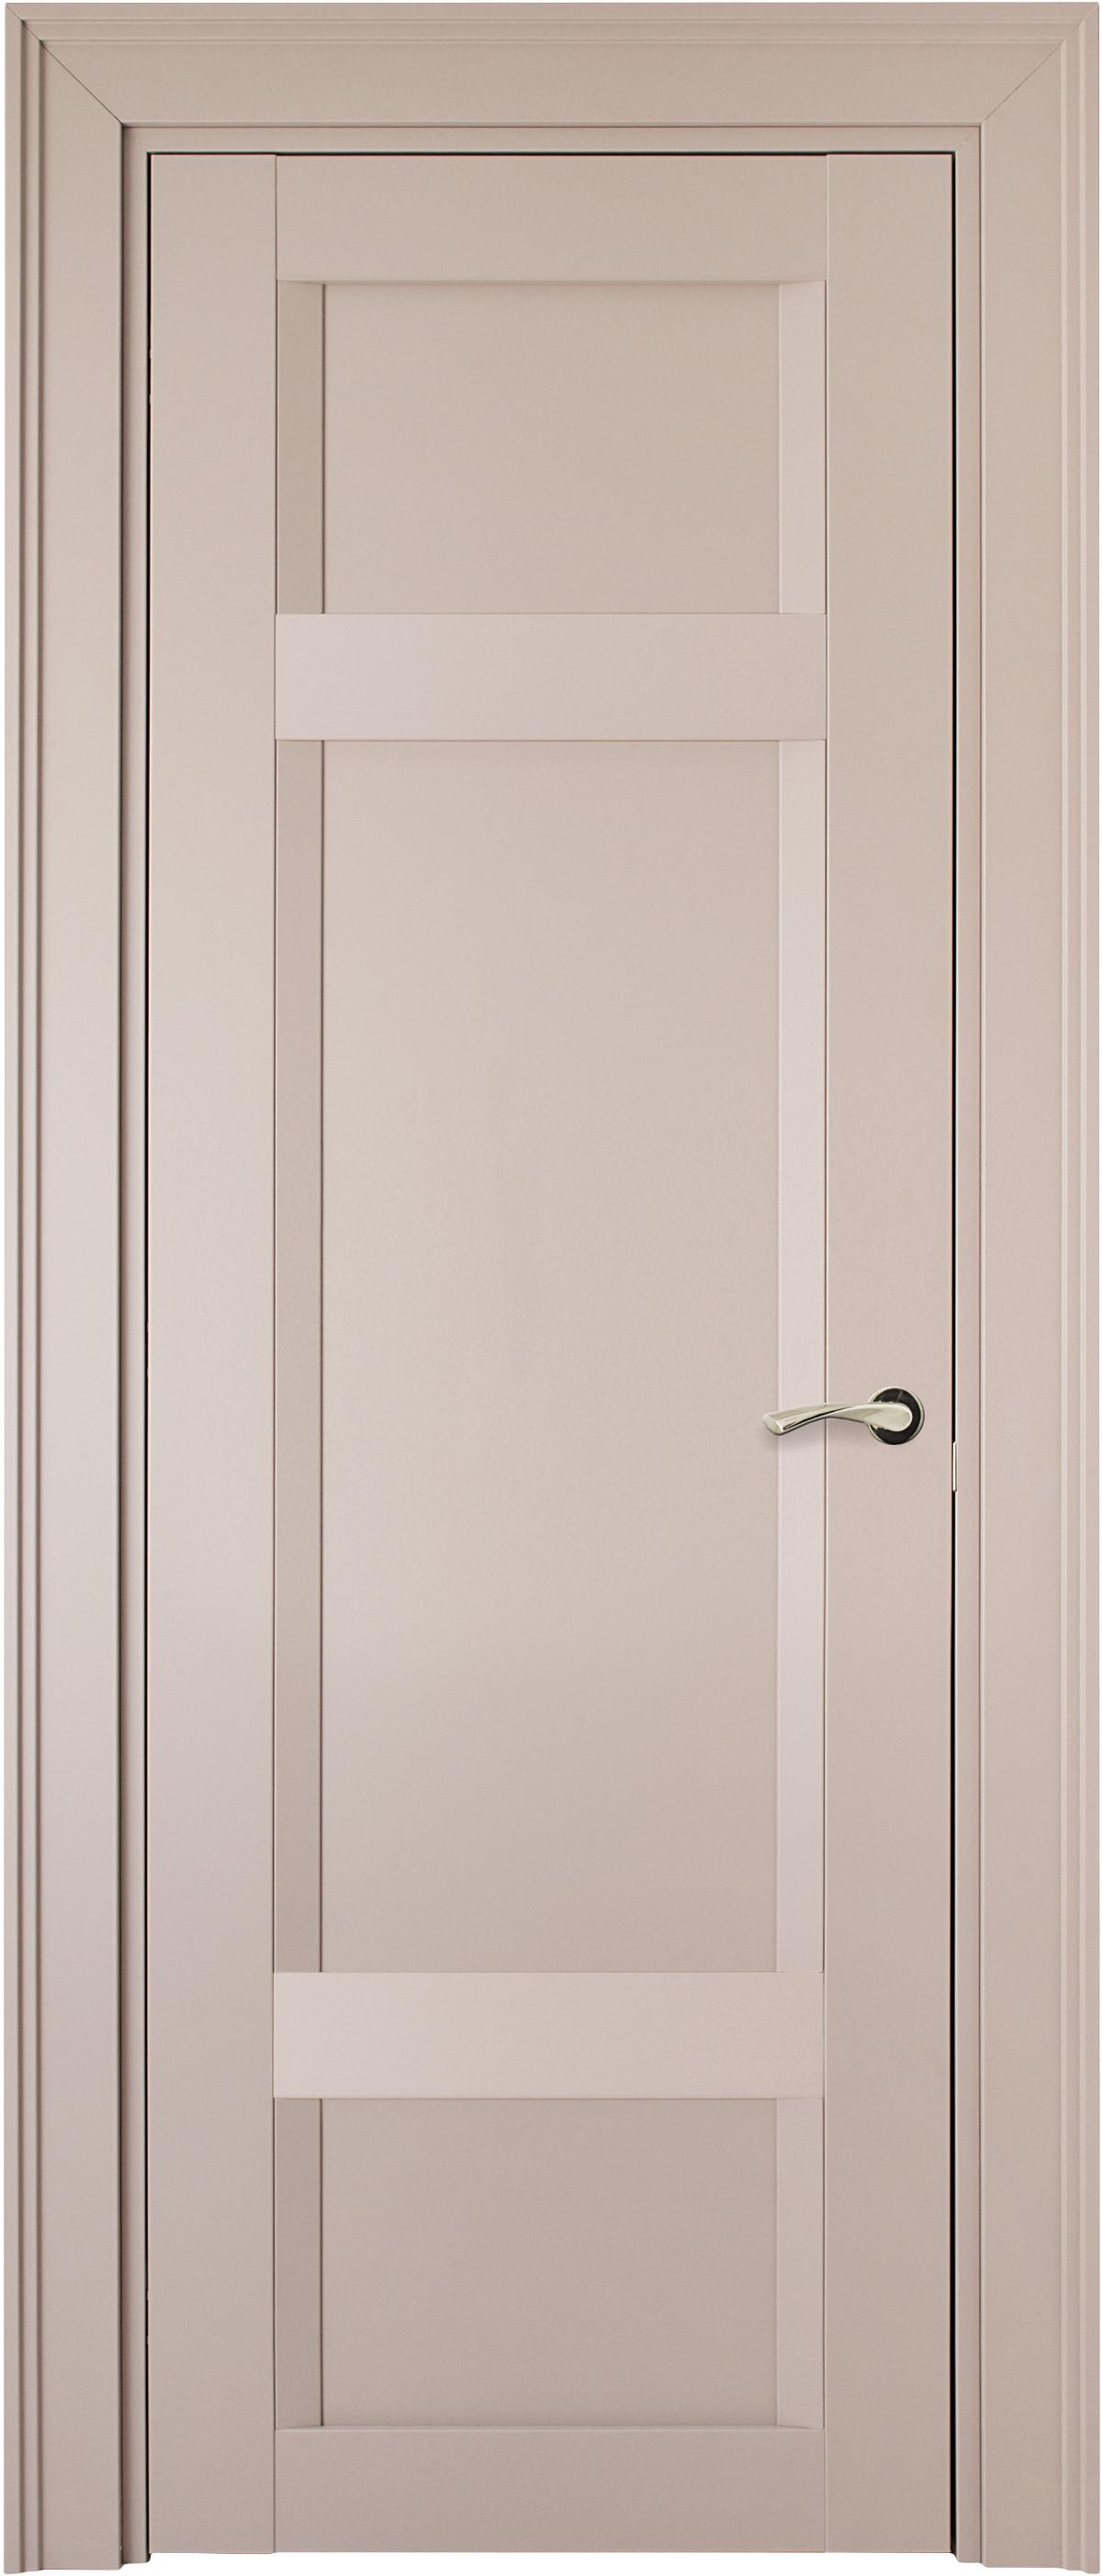 Межкомнатные двери Scala 3BnP-3 Италия без стекла